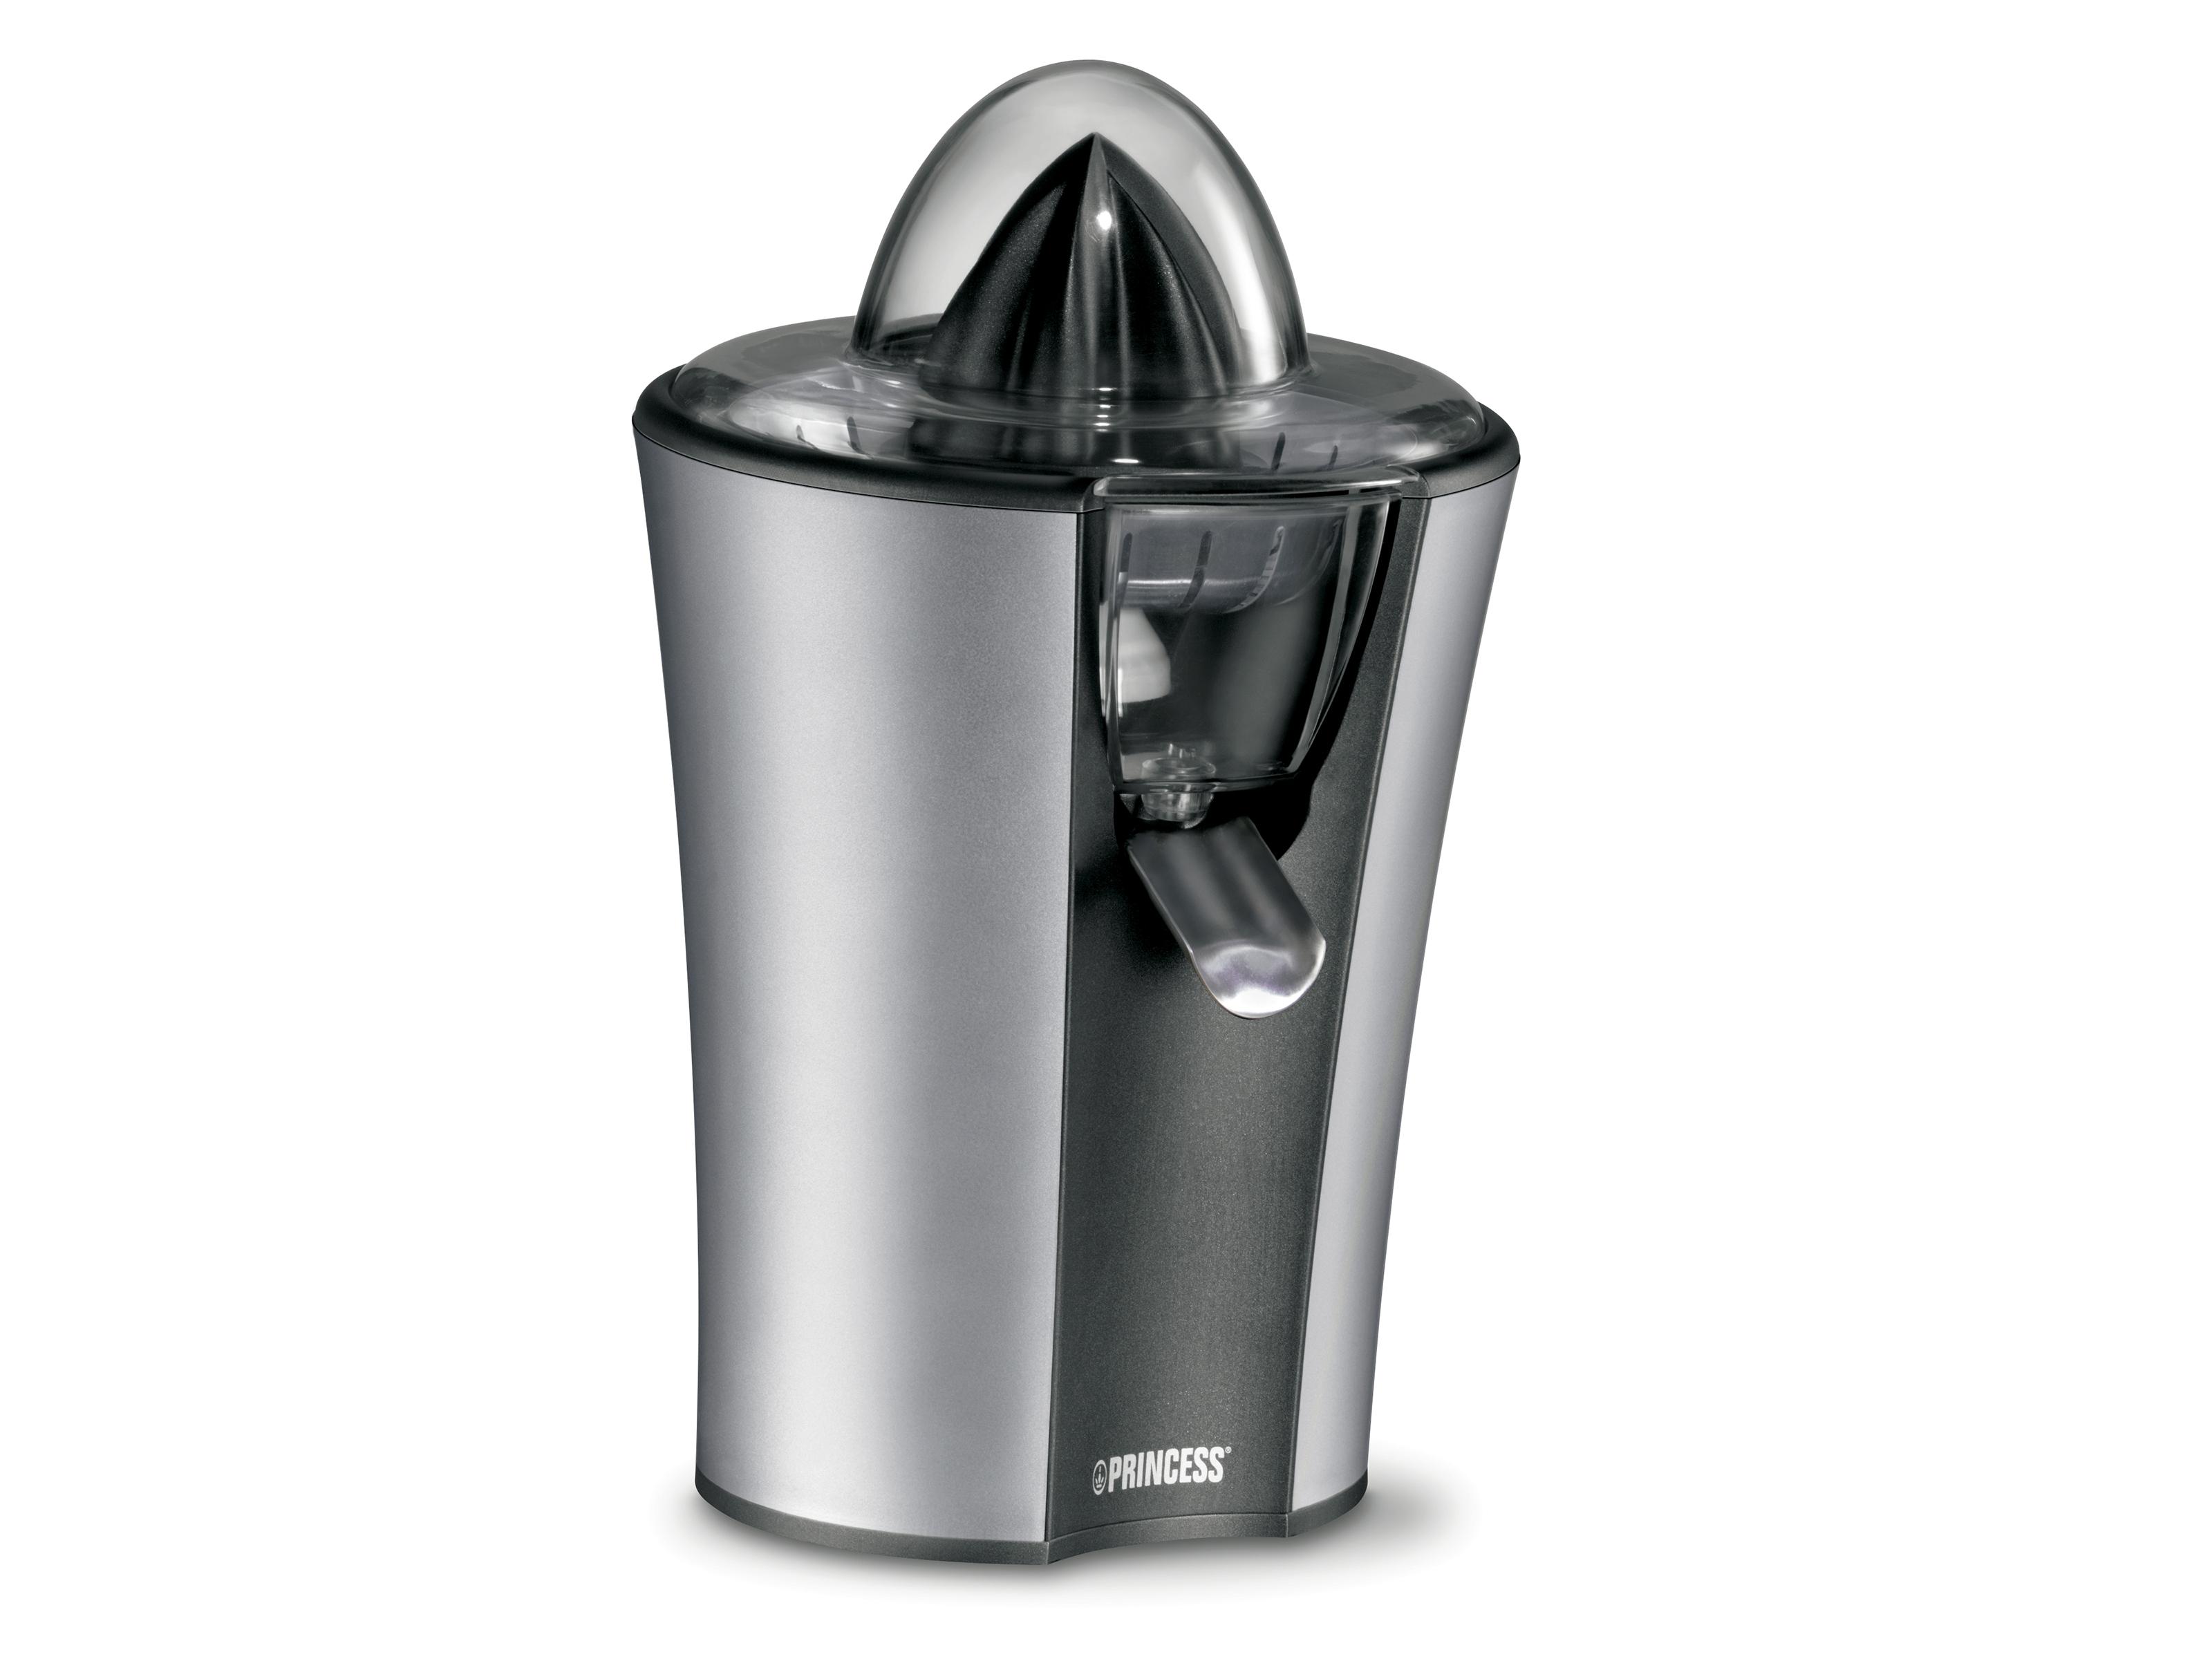 Image of Citruspers Silver Super Juicer